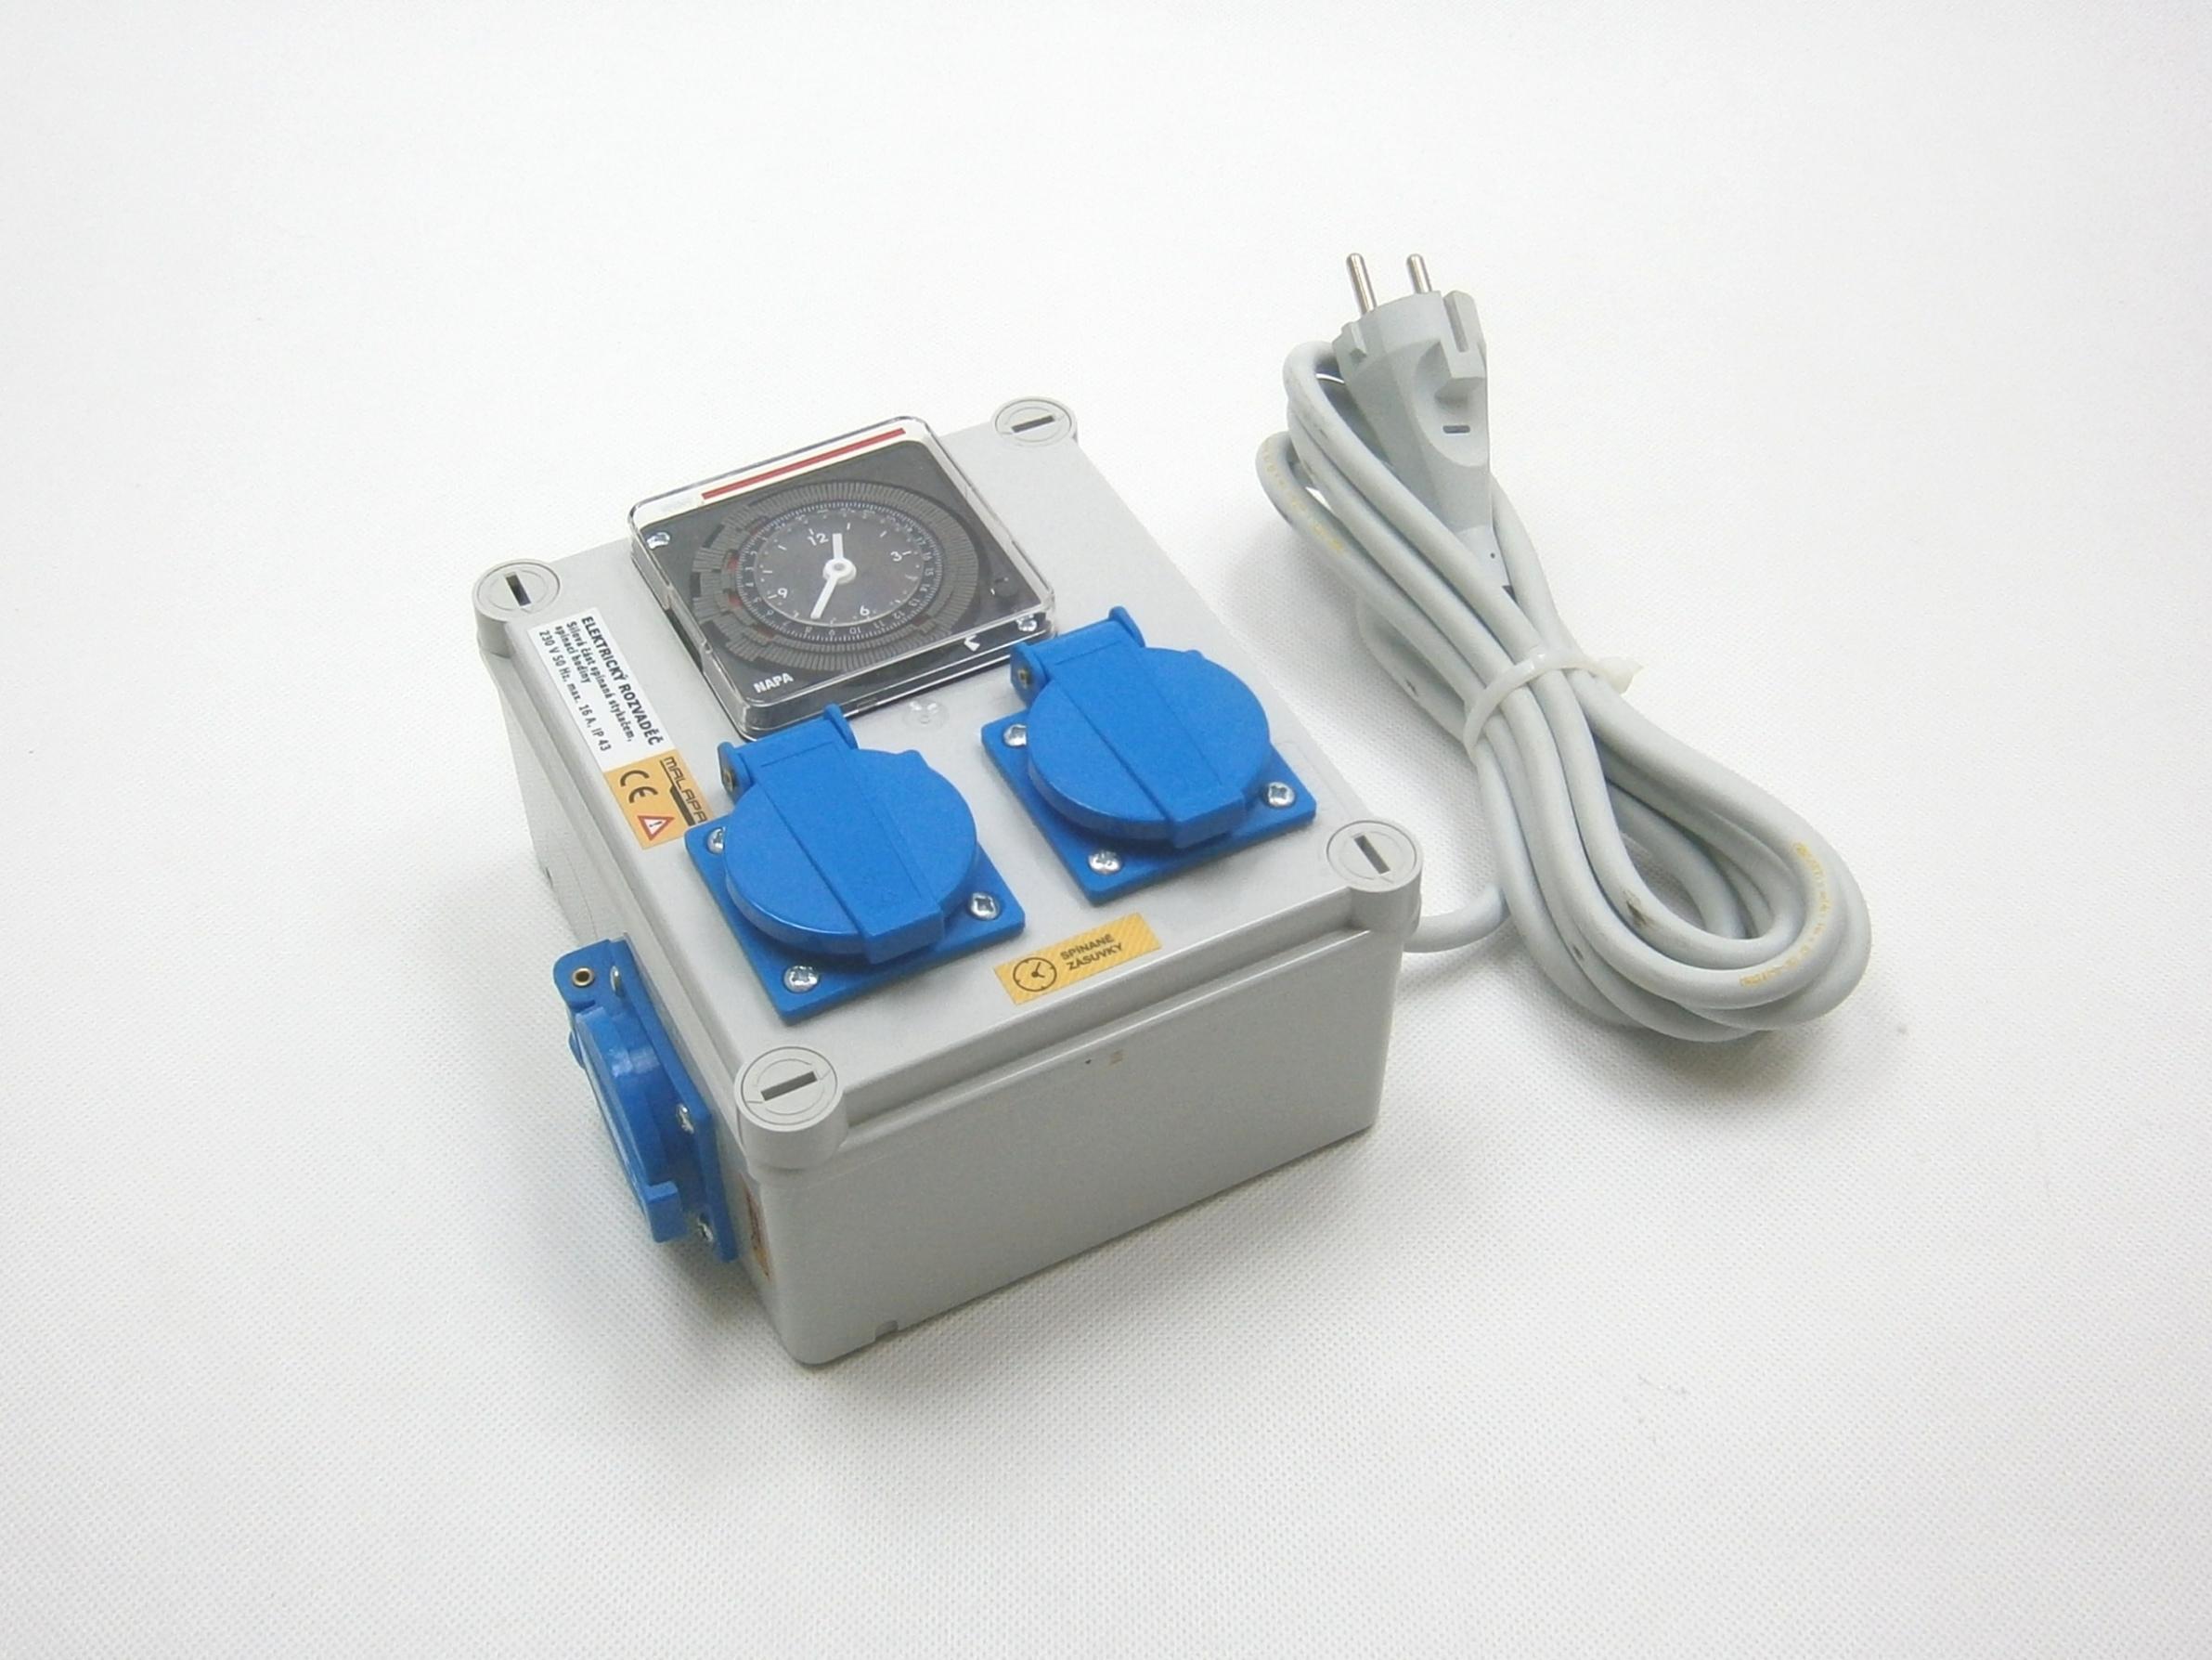 Malapa 230V rozvaděč 2+1 KL00 (elektronický rozvaděč)